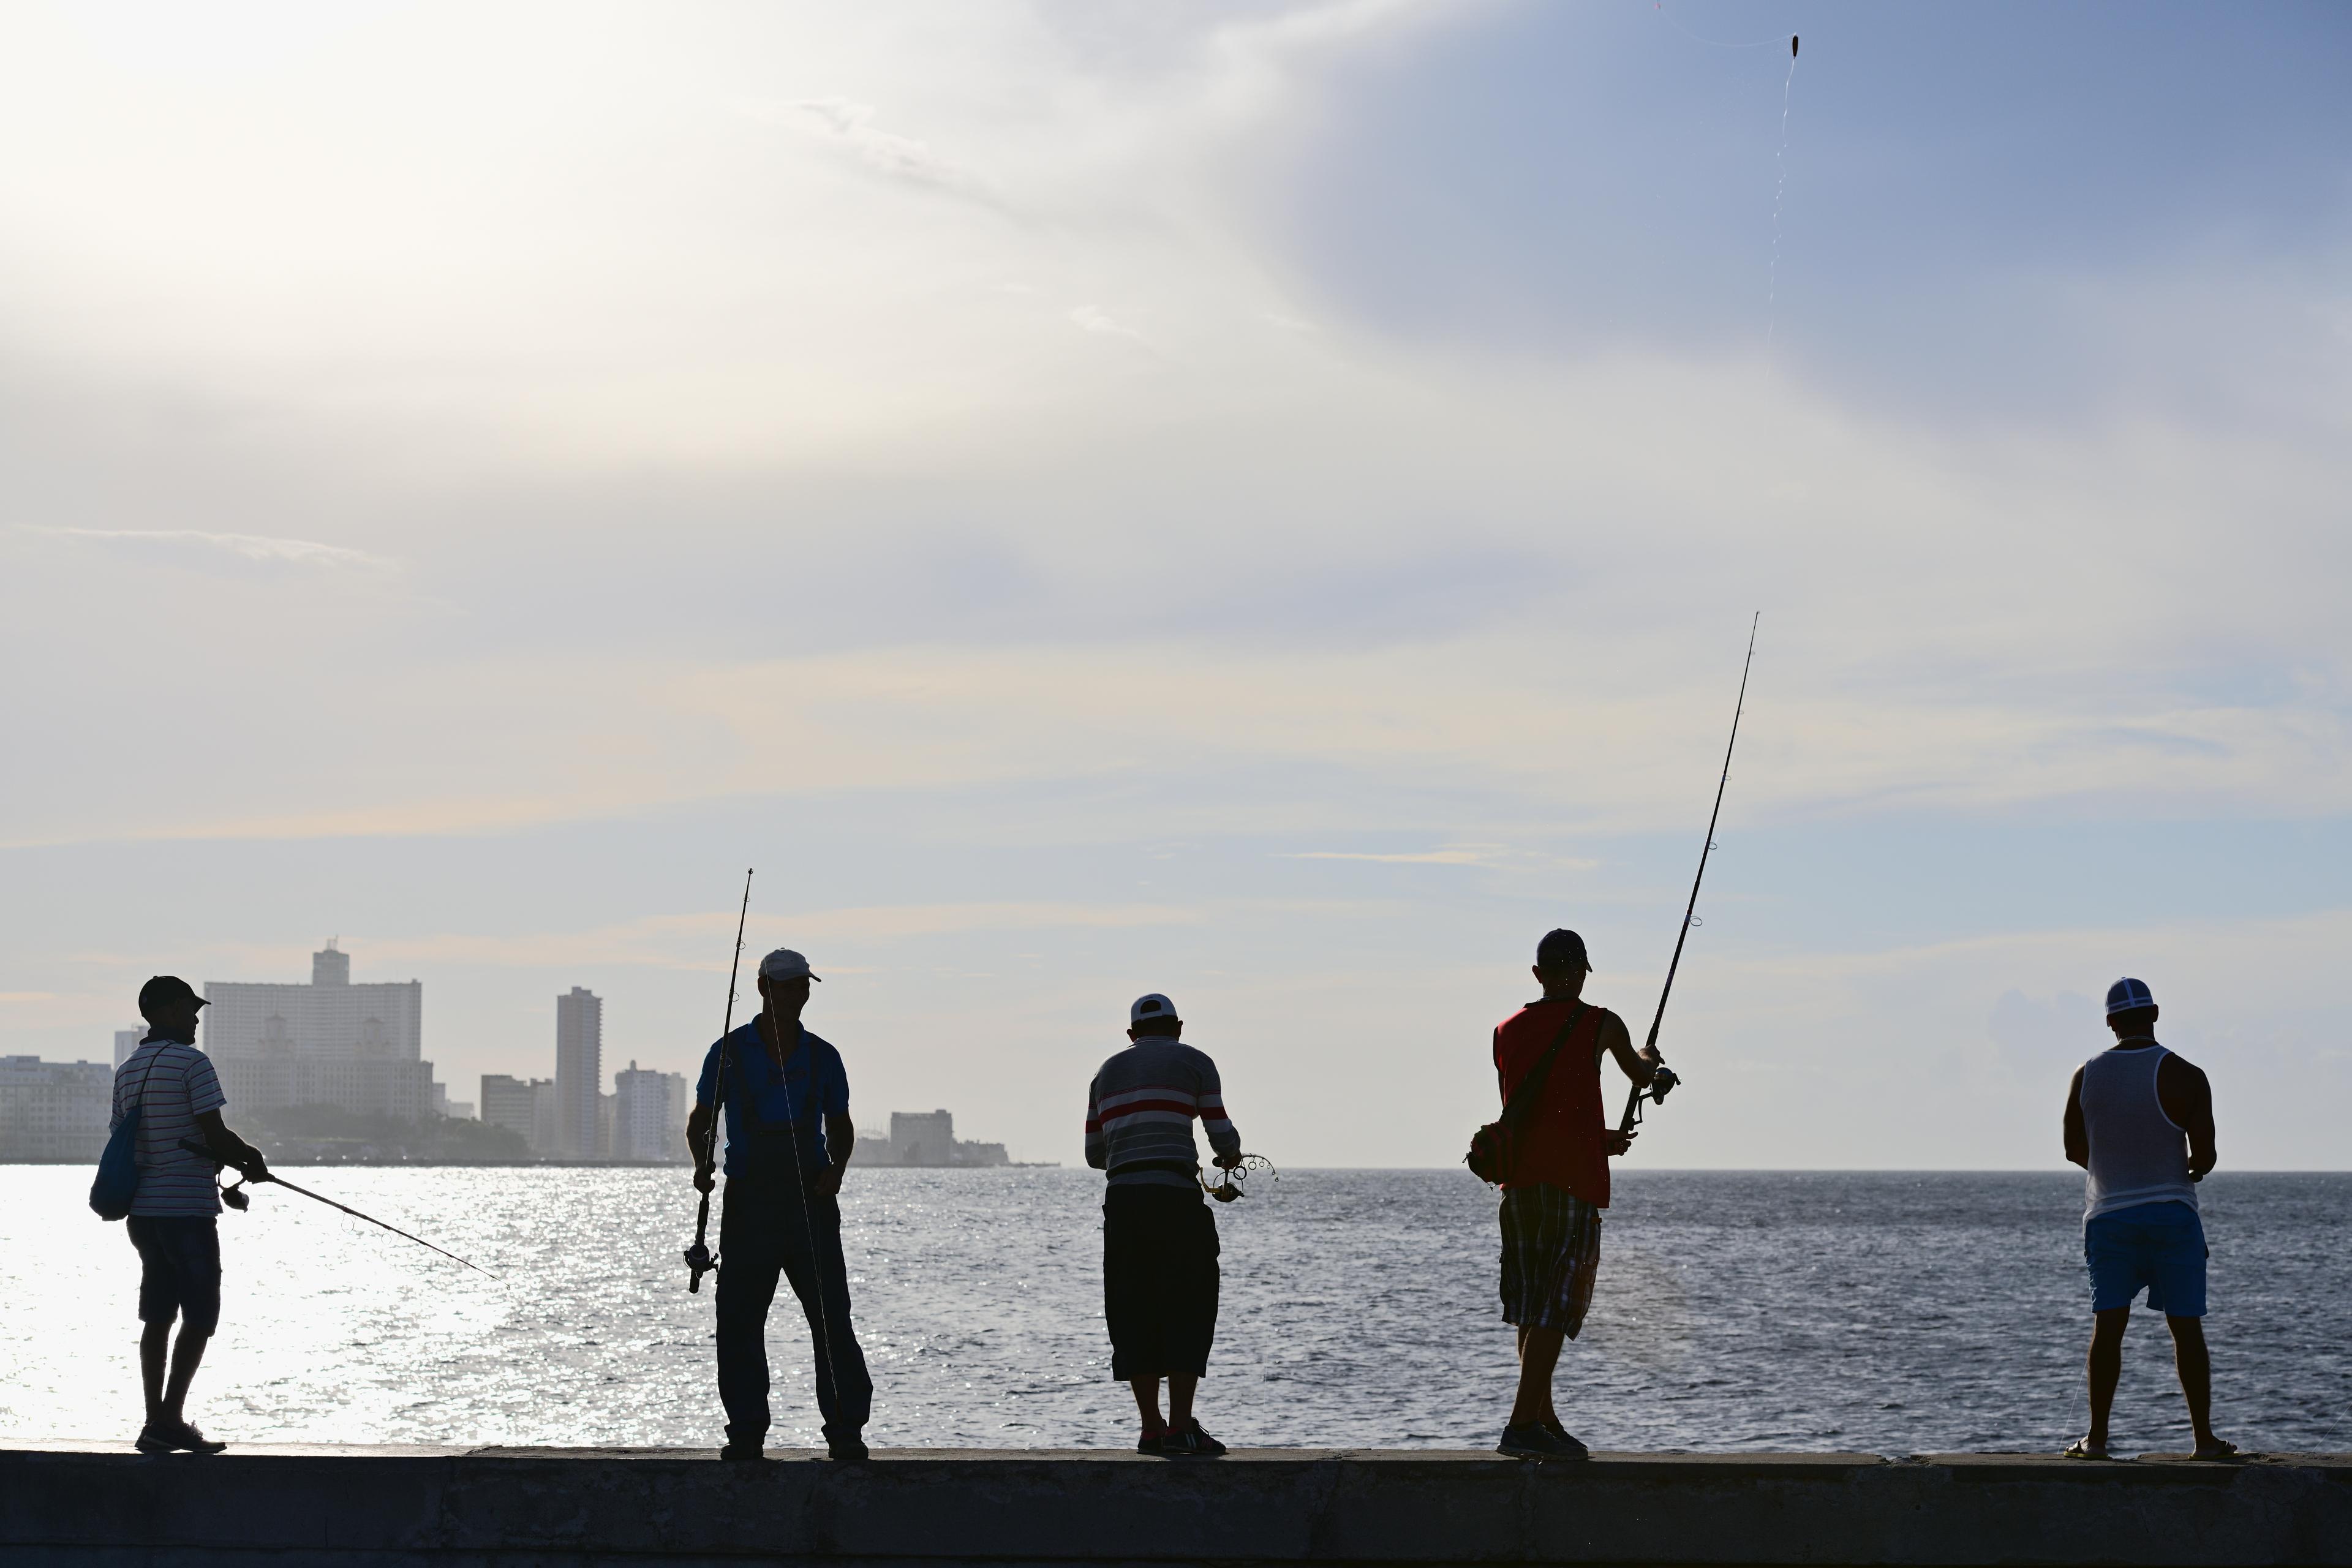 Gambar Tembok Laut Penangkapan Ikan Sketsa Tongkat